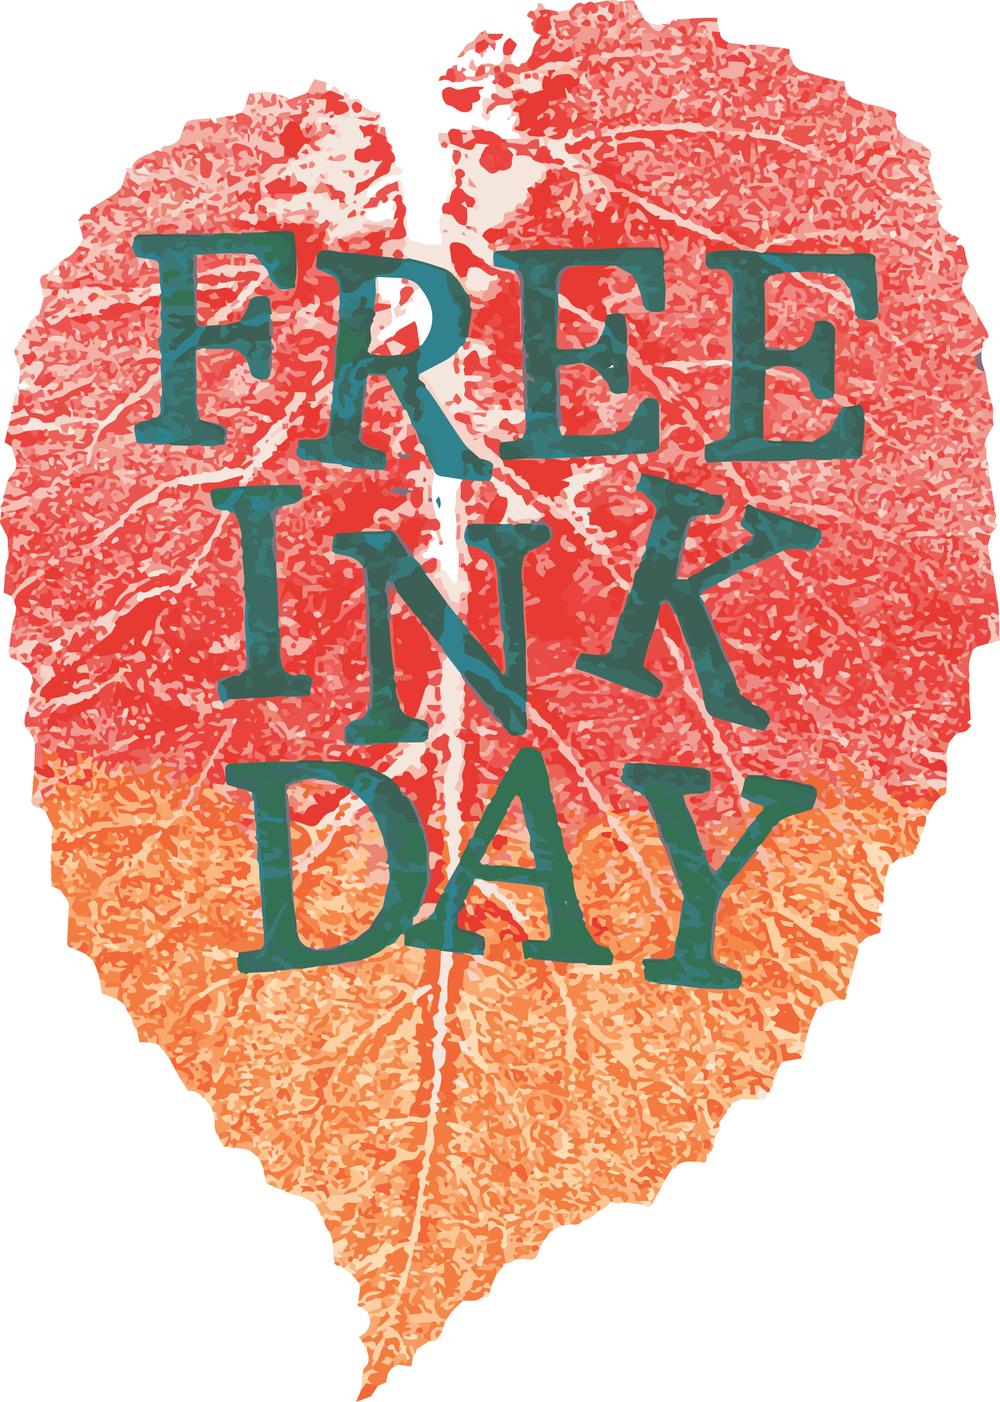 Free ink day leaf illustration.png